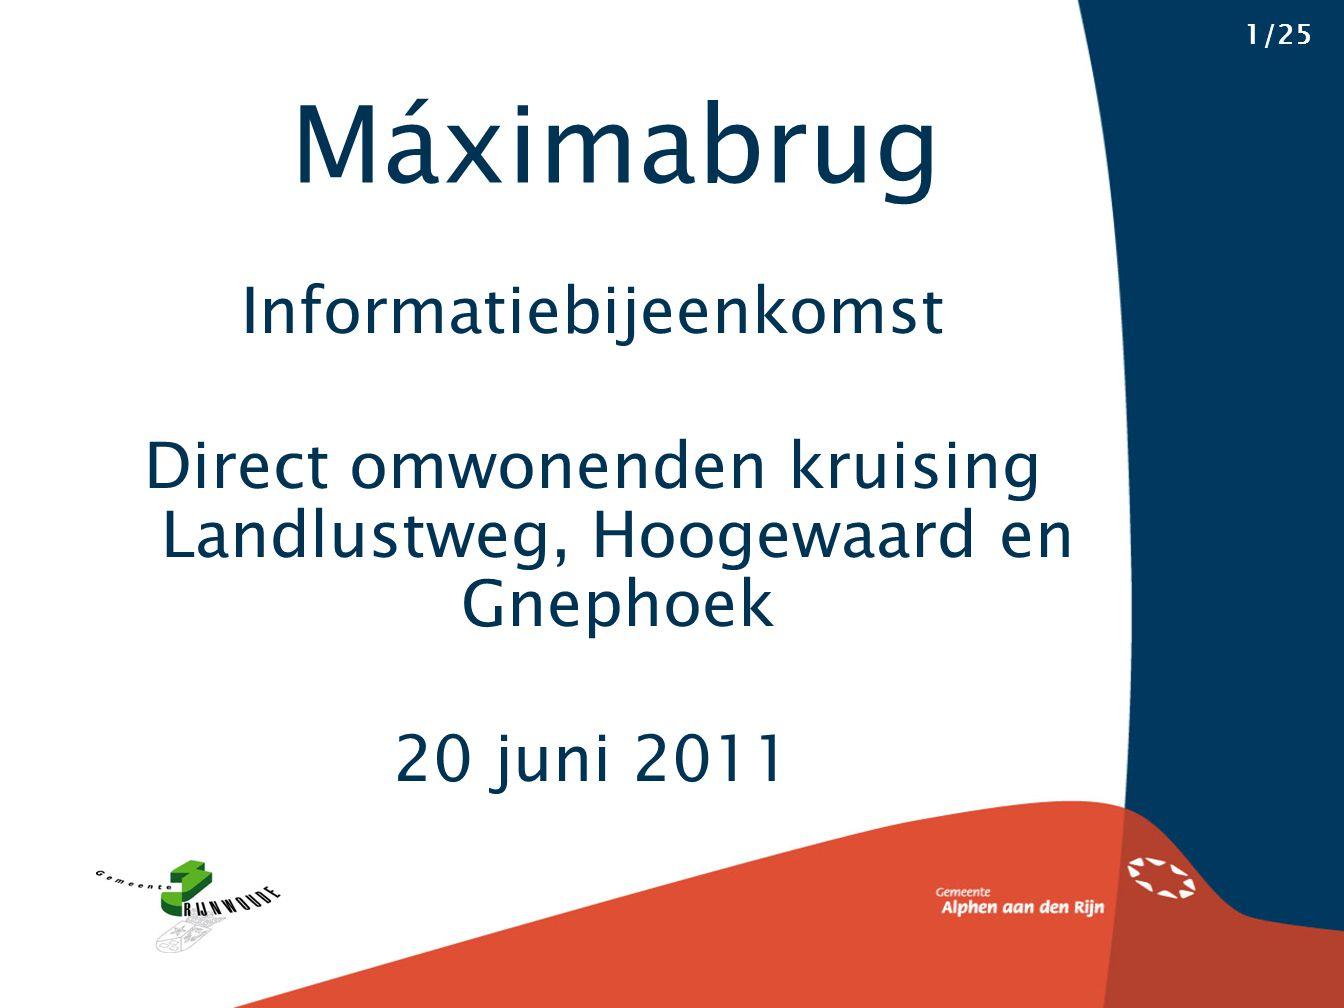 Informatiebijeenkomst Direct omwonenden kruising Landlustweg, Hoogewaard en Gnephoek 20 juni 2011 Máximabrug 1/25